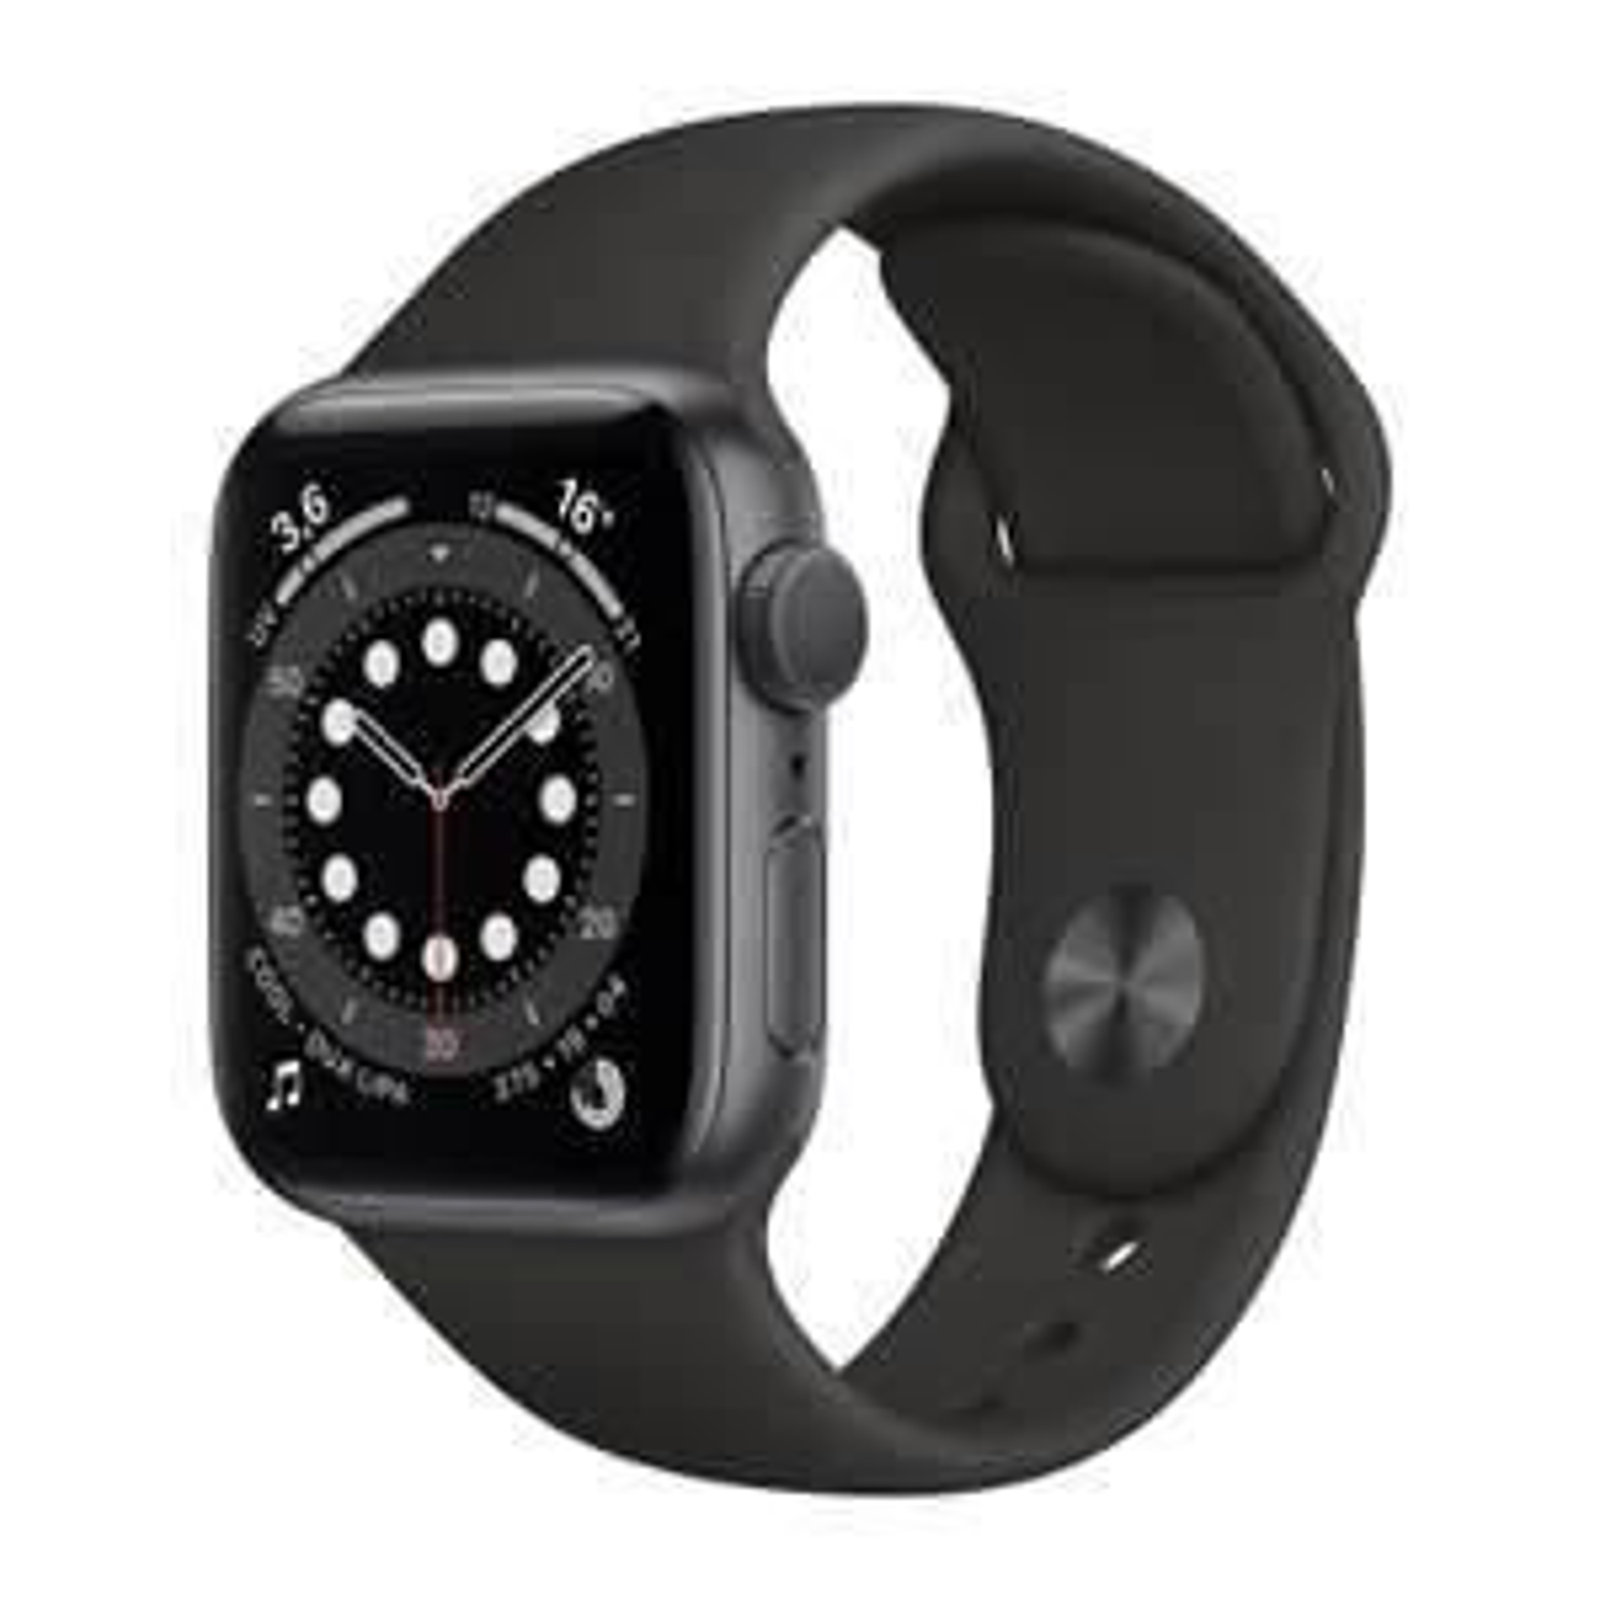 Montre connectée Apple Watch Series 6 (GPS) - Boitier 40 mm aluminium gris avec bracelet sport noir (+ 10.46€ en RP)